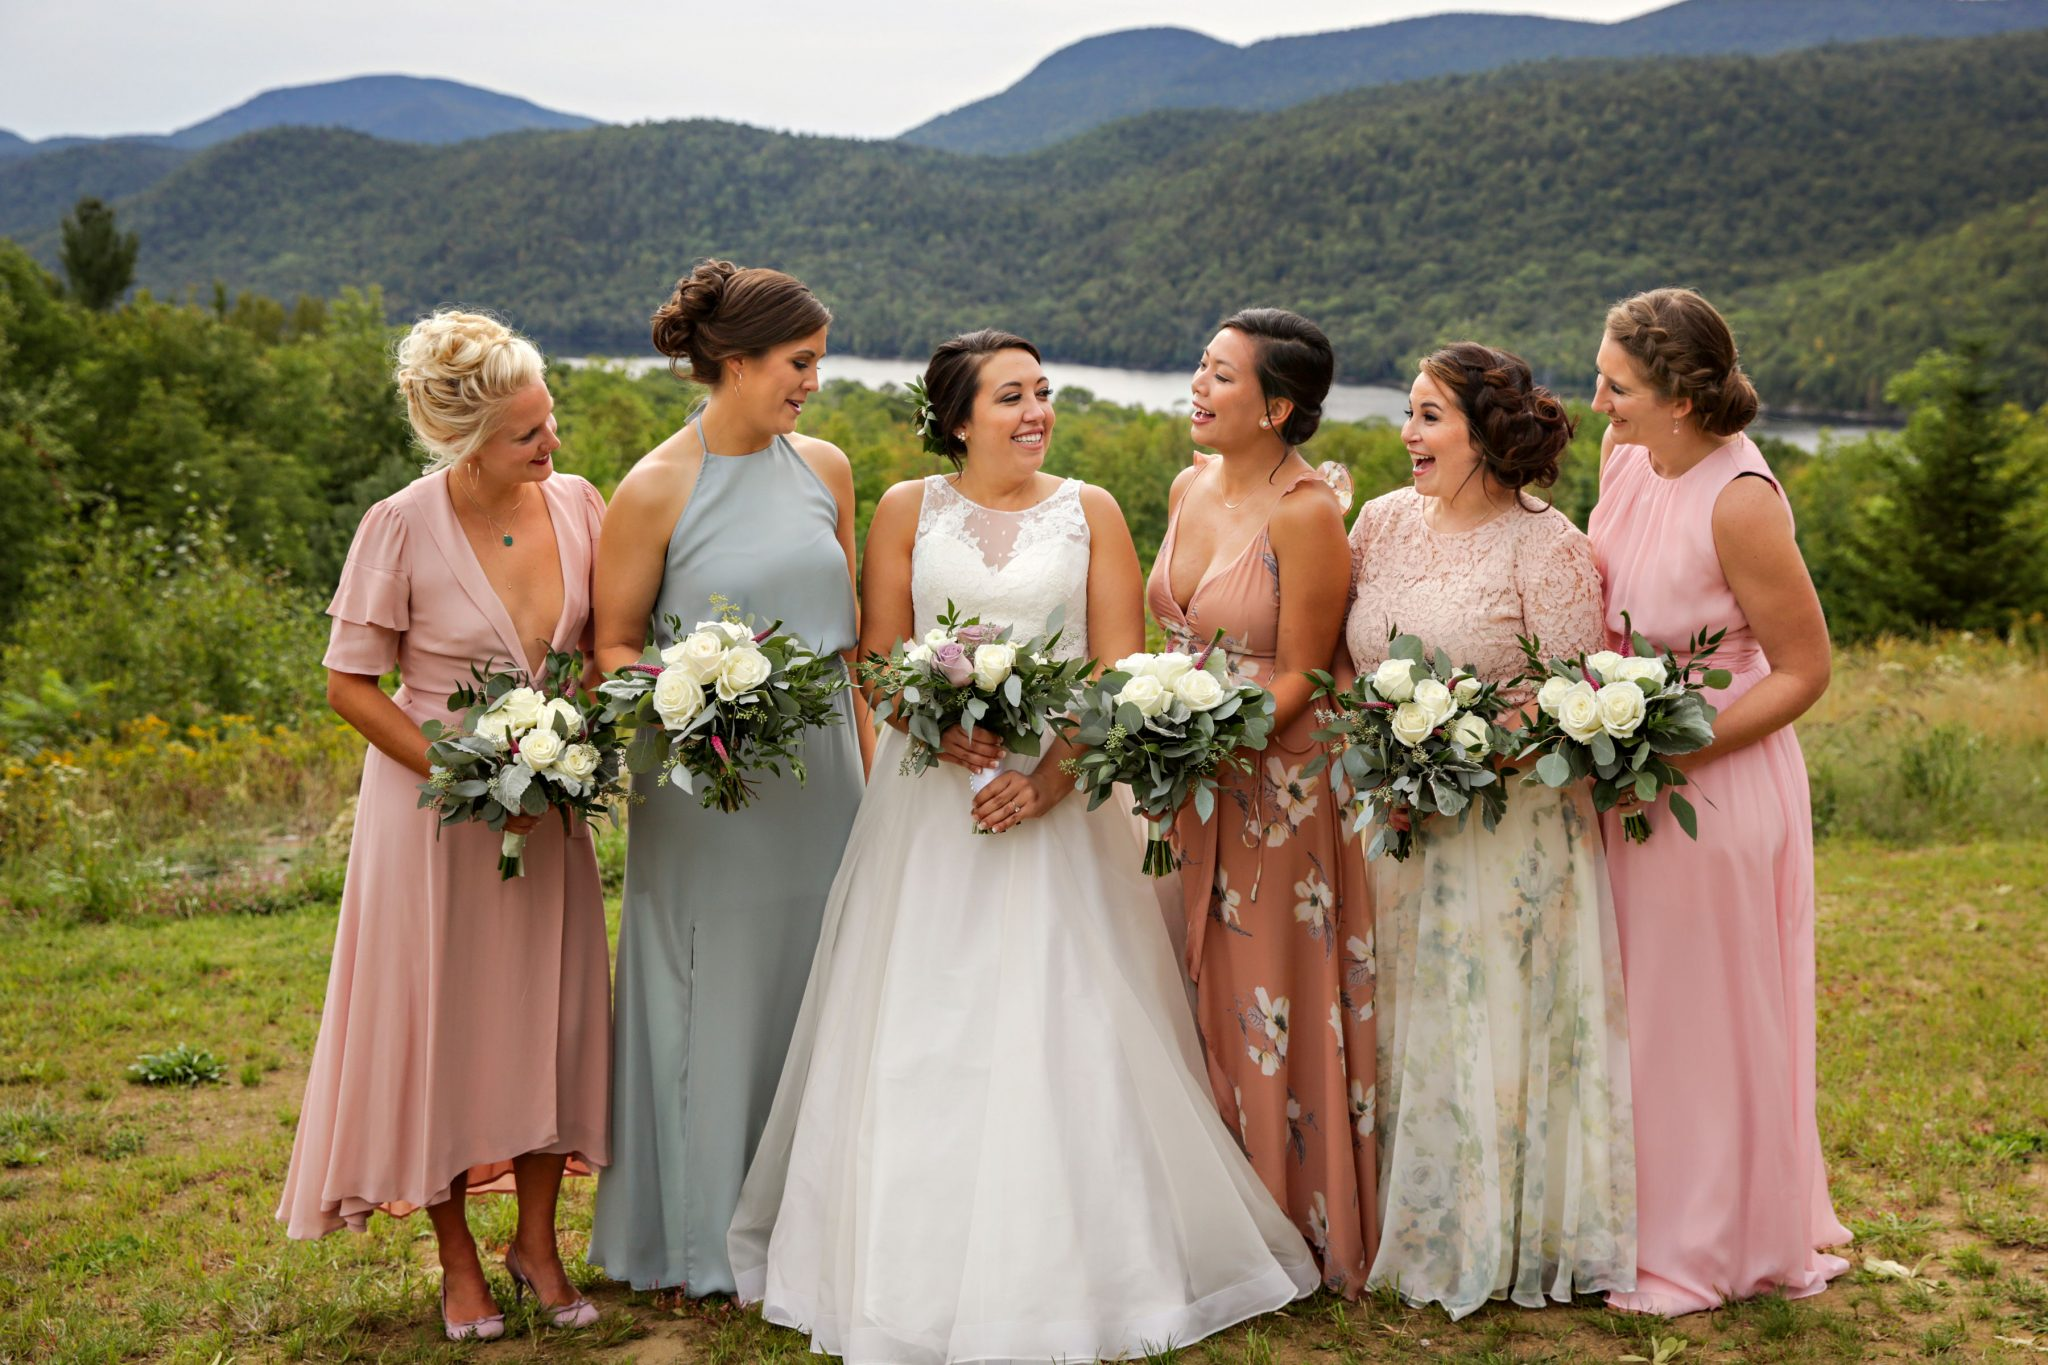 090818_RF0012 Bride-Bridesmaids